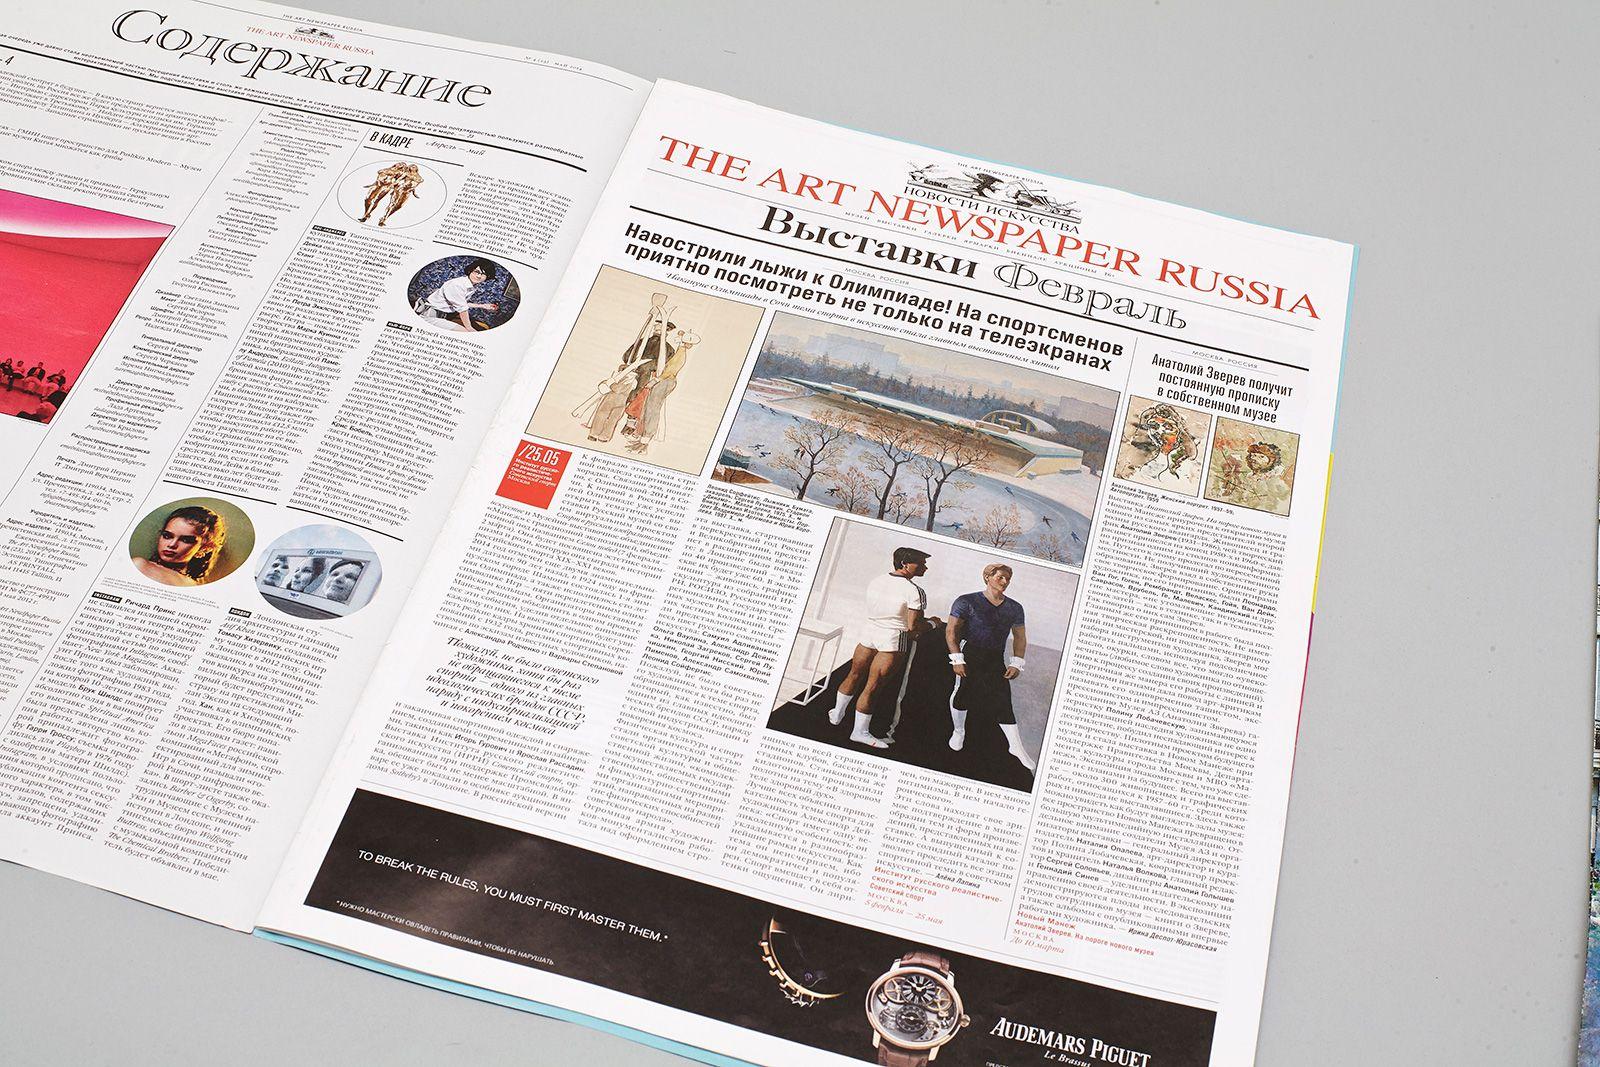 The Art Newspaper Russia   Newspaper, Newspaper design, Art